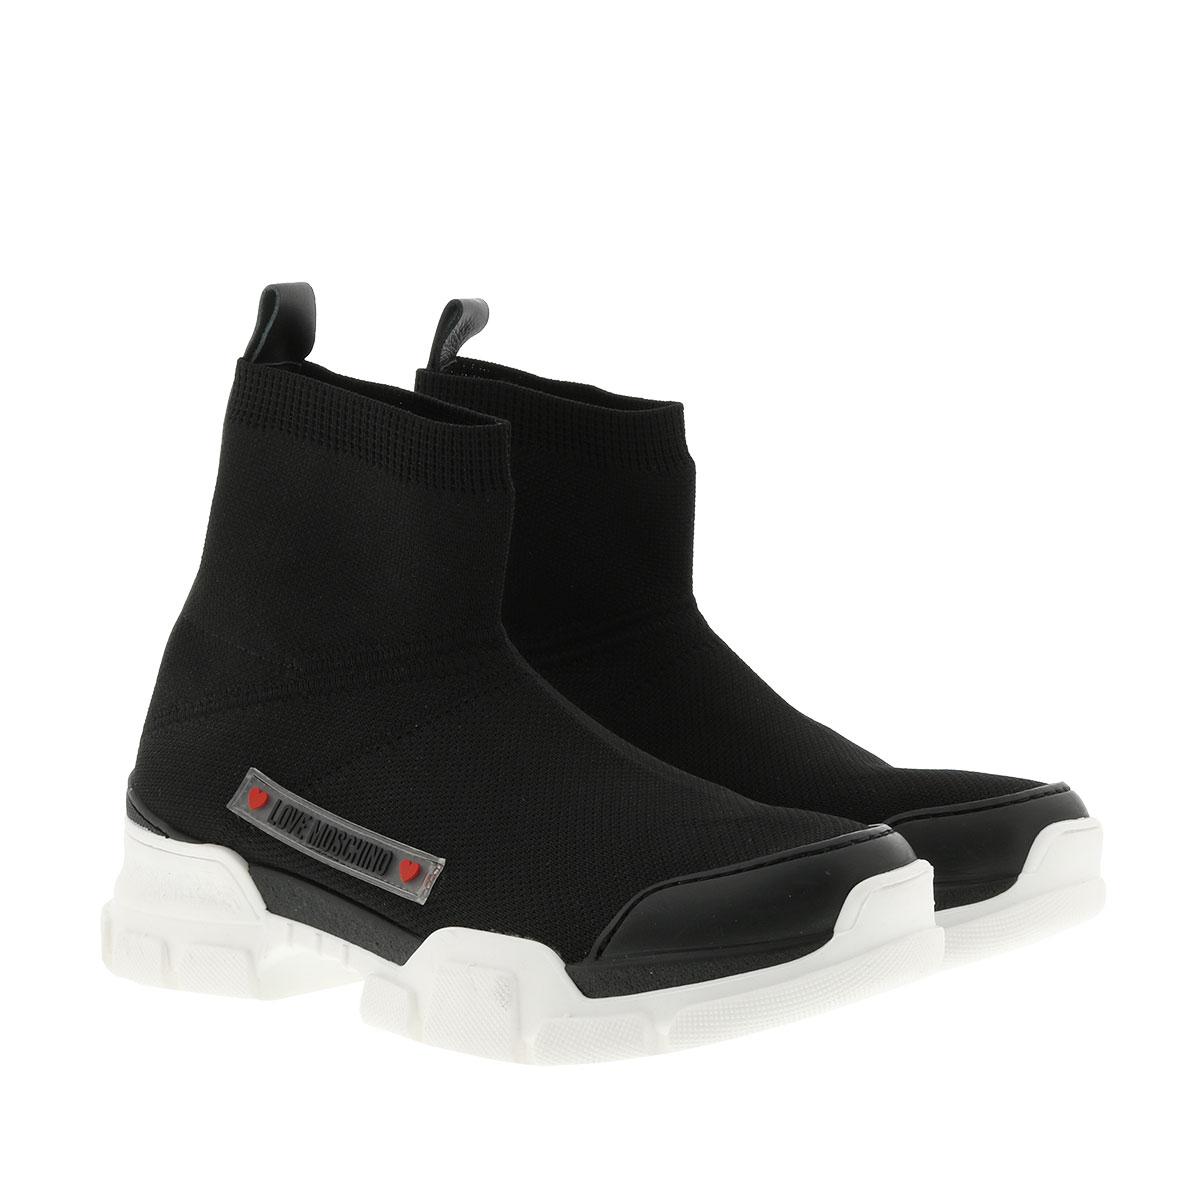 Love Moschino Sneakers - Sneaker High Nero - in schwarz - für Damen